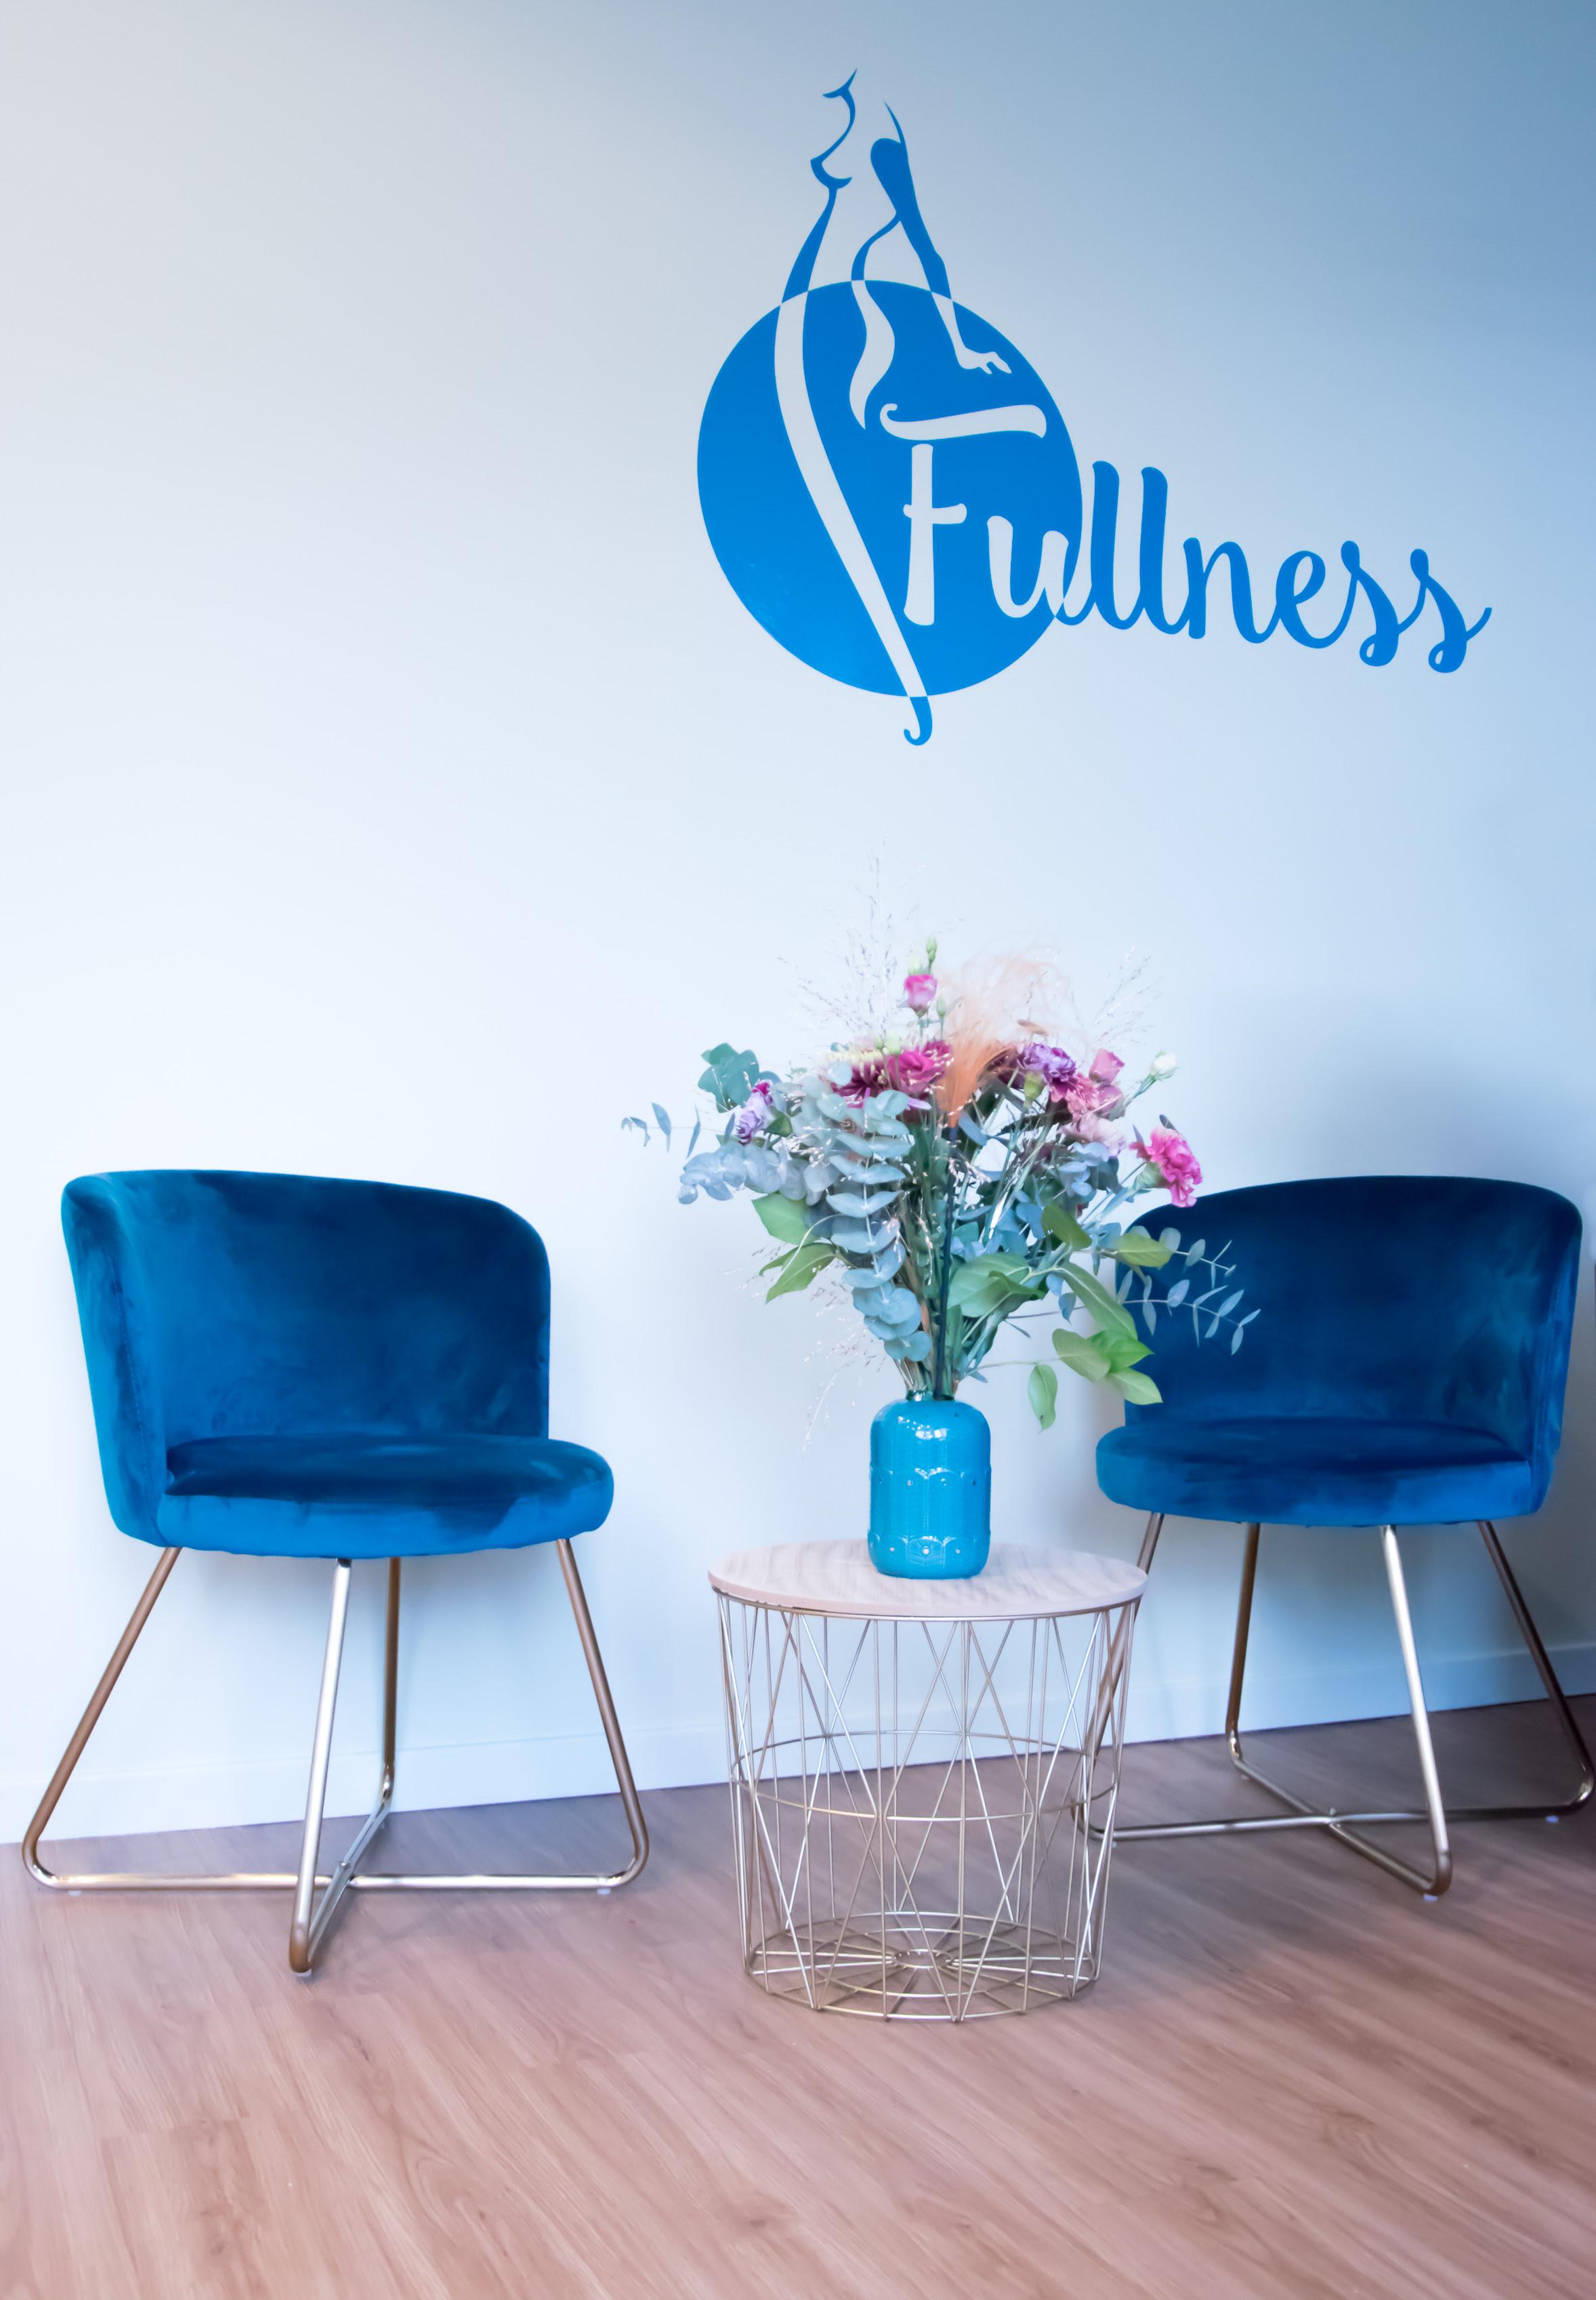 Galerie d'image - Fullness